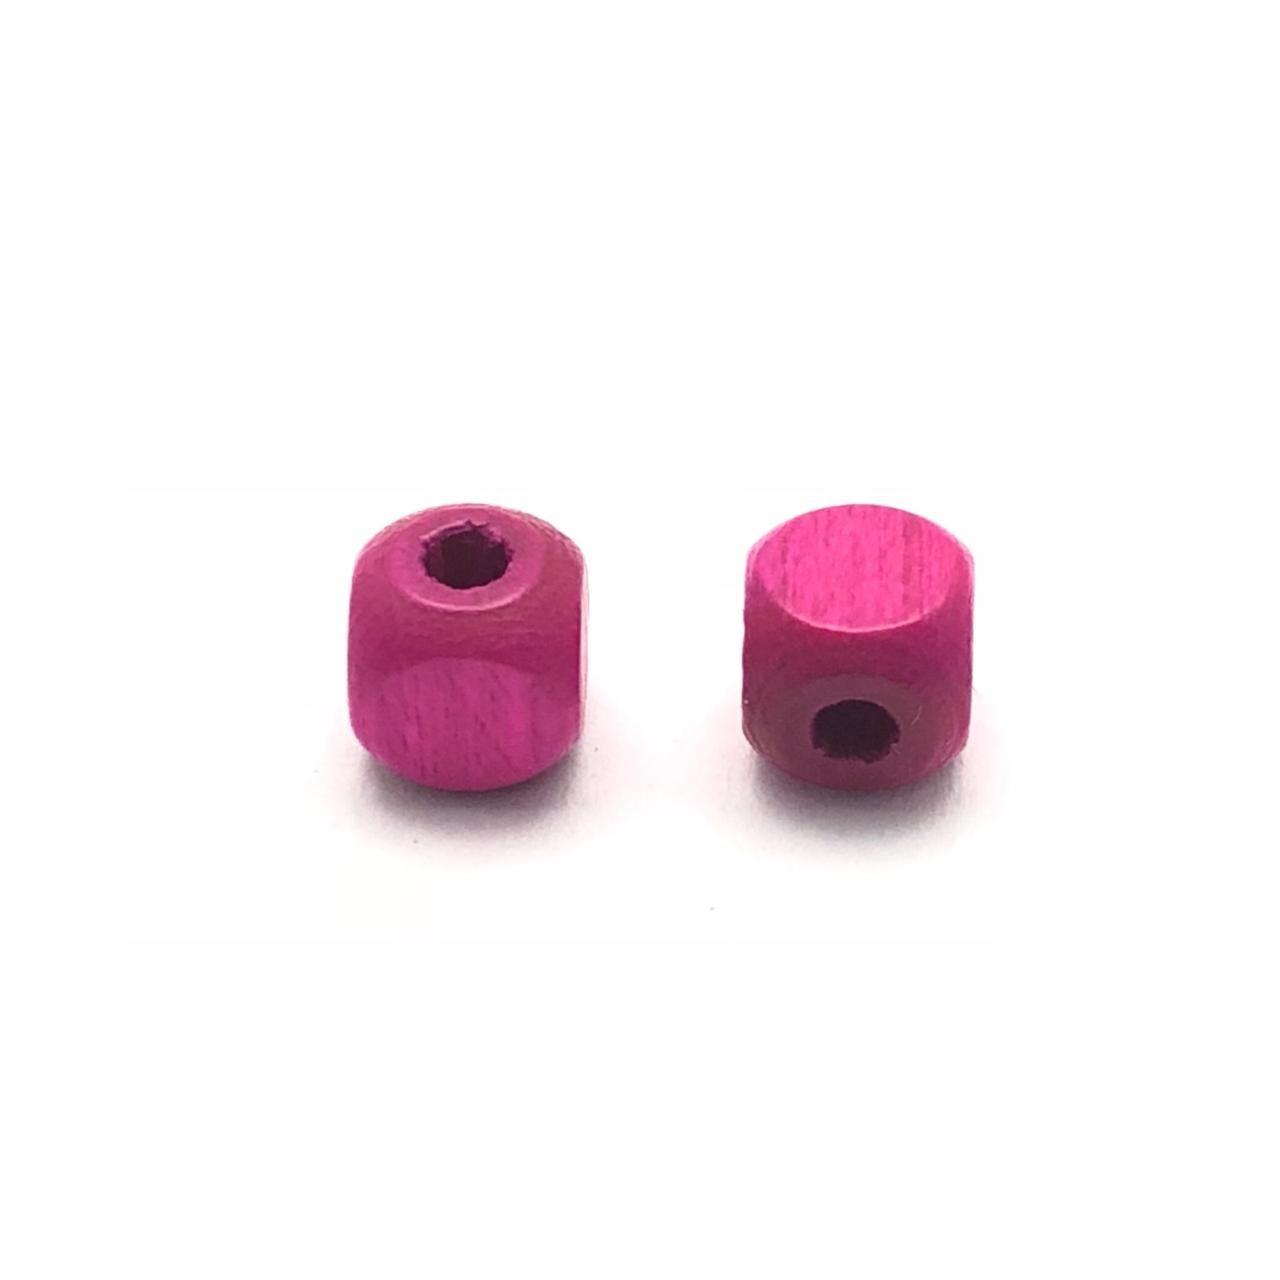 MD12 - Conta de Madeira Preciosa Cubo Pink 5mm - 50unids